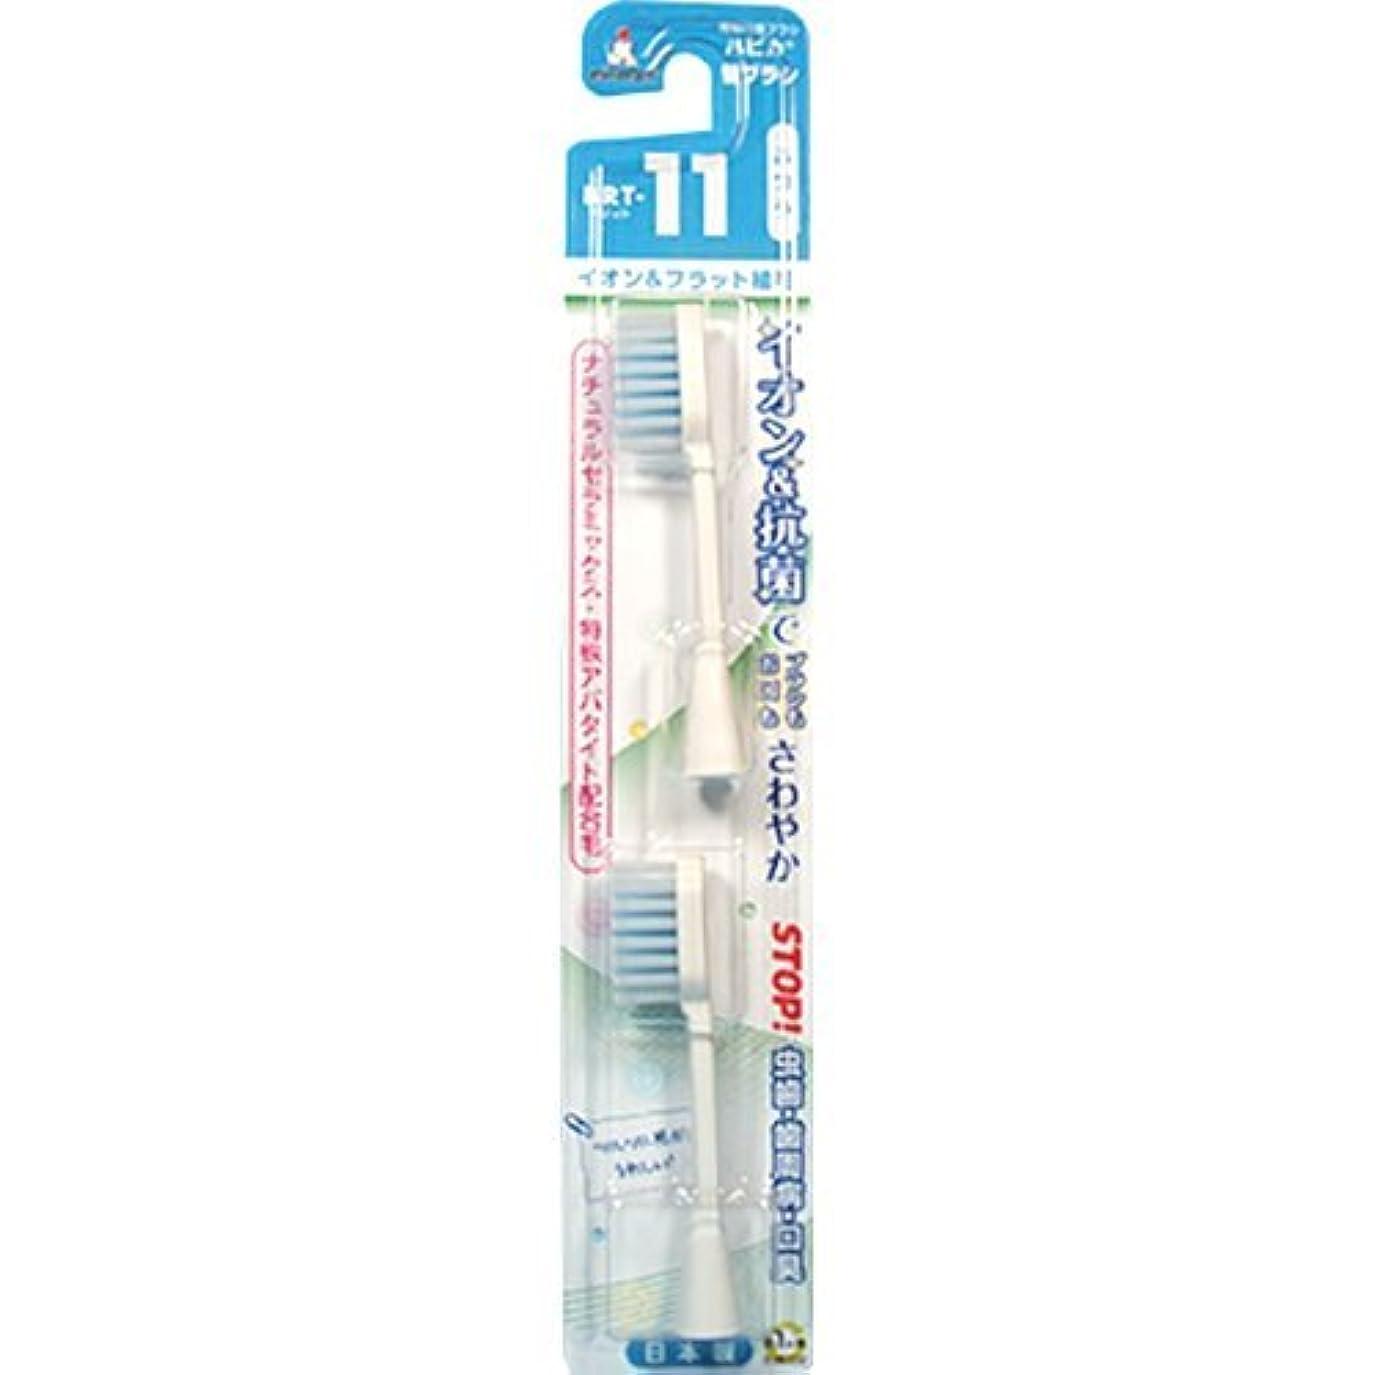 急襲疲れた地理ミニマム 電動付歯ブラシ ハピカ 専用替ブラシ イオン+フラット植毛 毛の硬さ:ふつう BRT-11 2個入